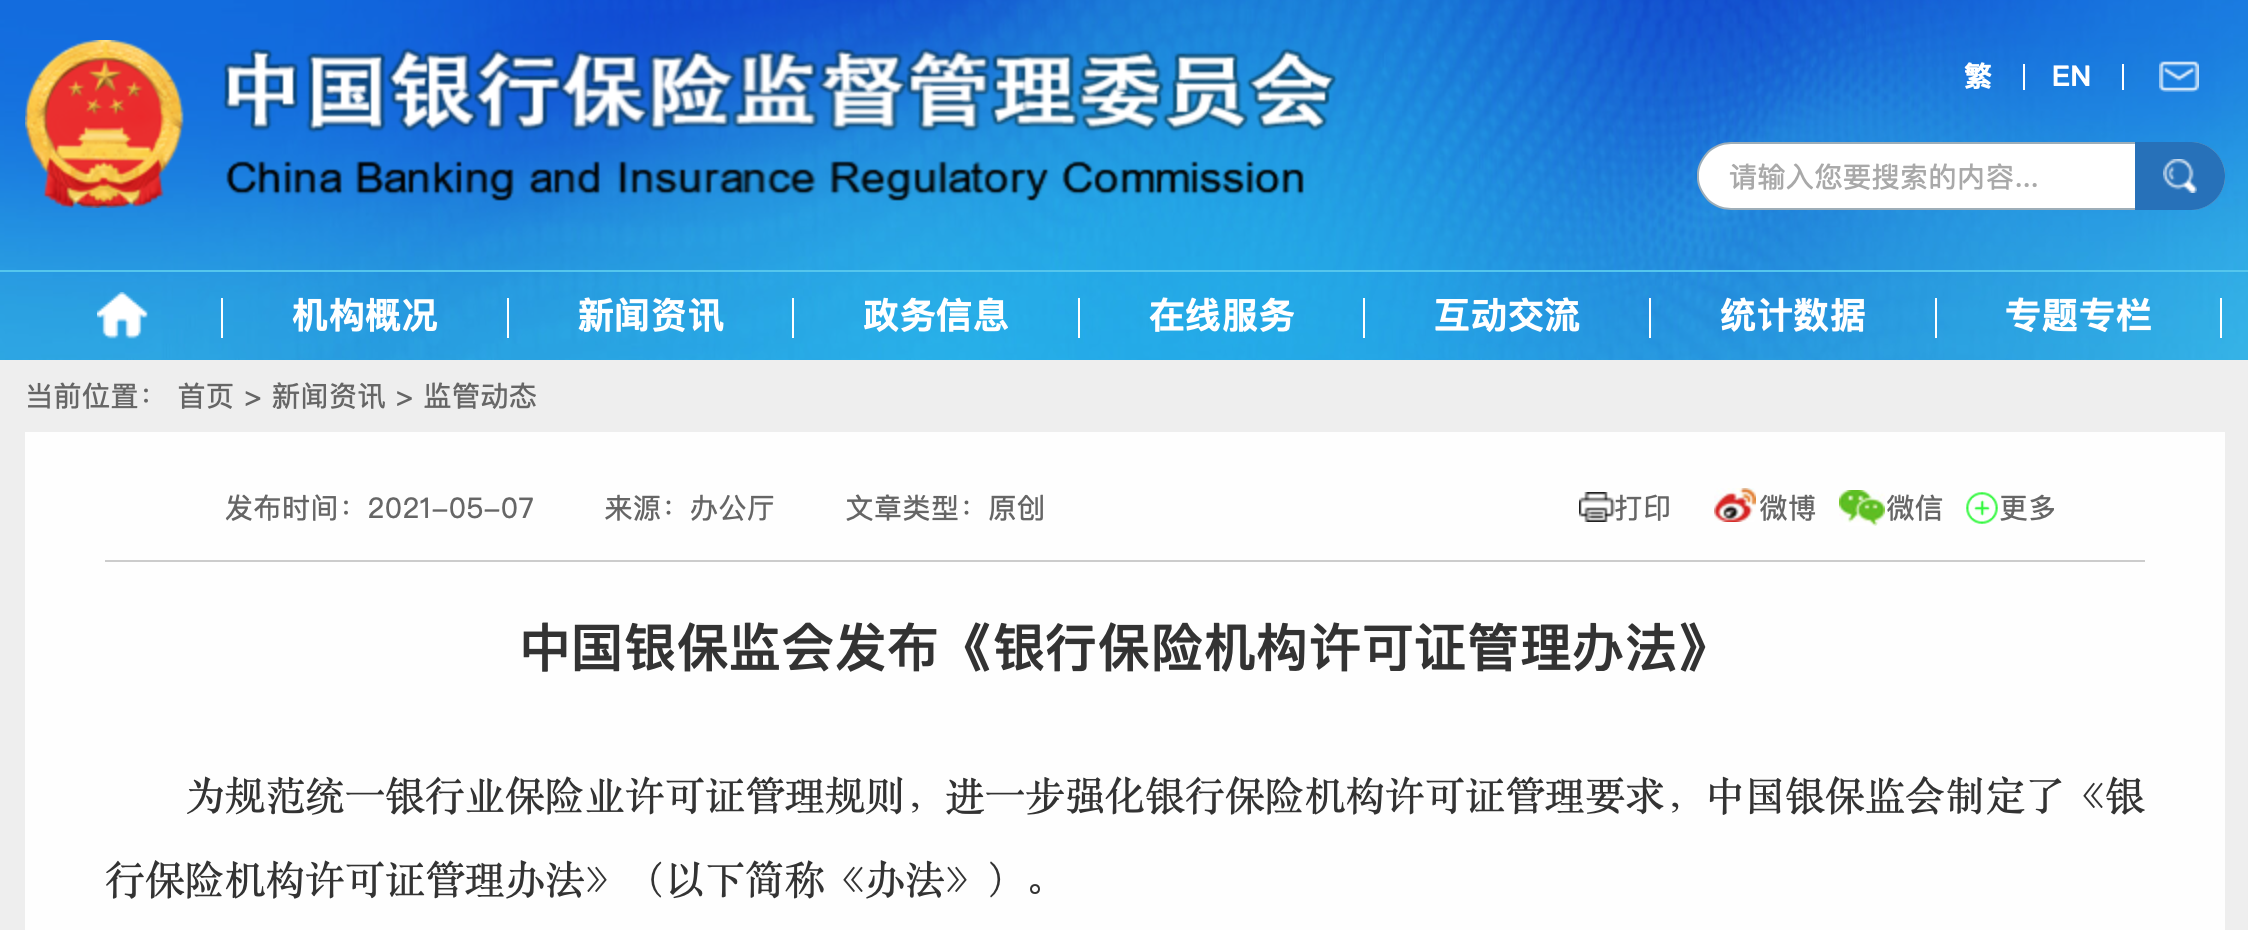 傲世皇朝平台银保监会发布《银行保险机构许可证管理办法》